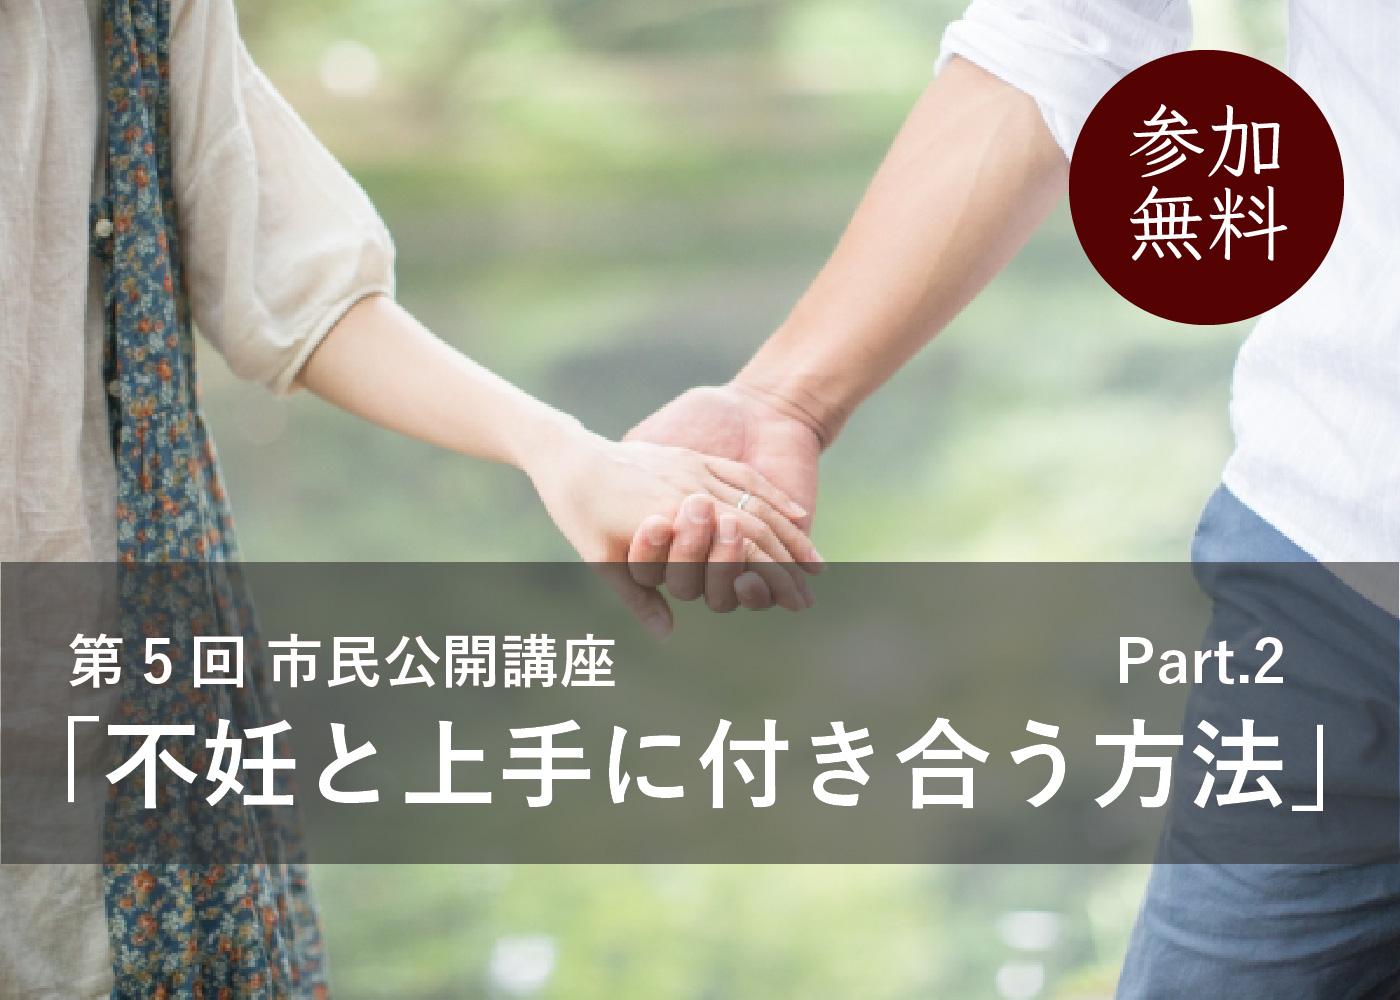 第5回市民公開講座、夫婦で健康・妊活LIFE